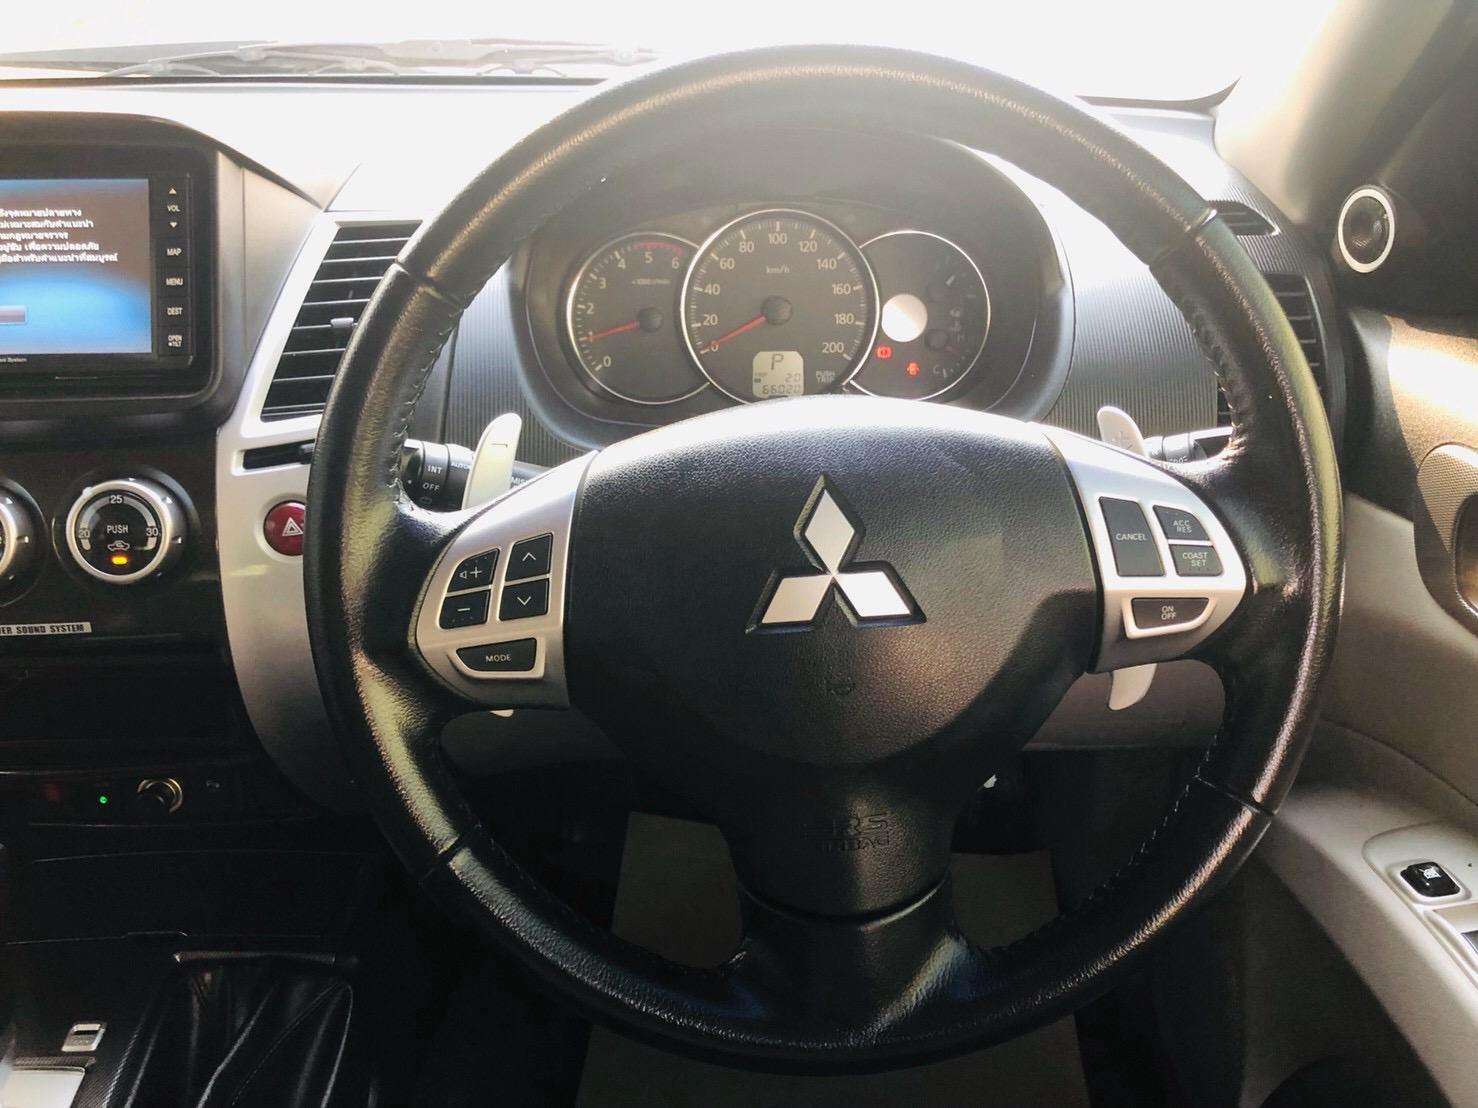 ภาพพวงมาลัย มิตซูบิชิ Pajero 2.5 GT 4WD ปี 2015